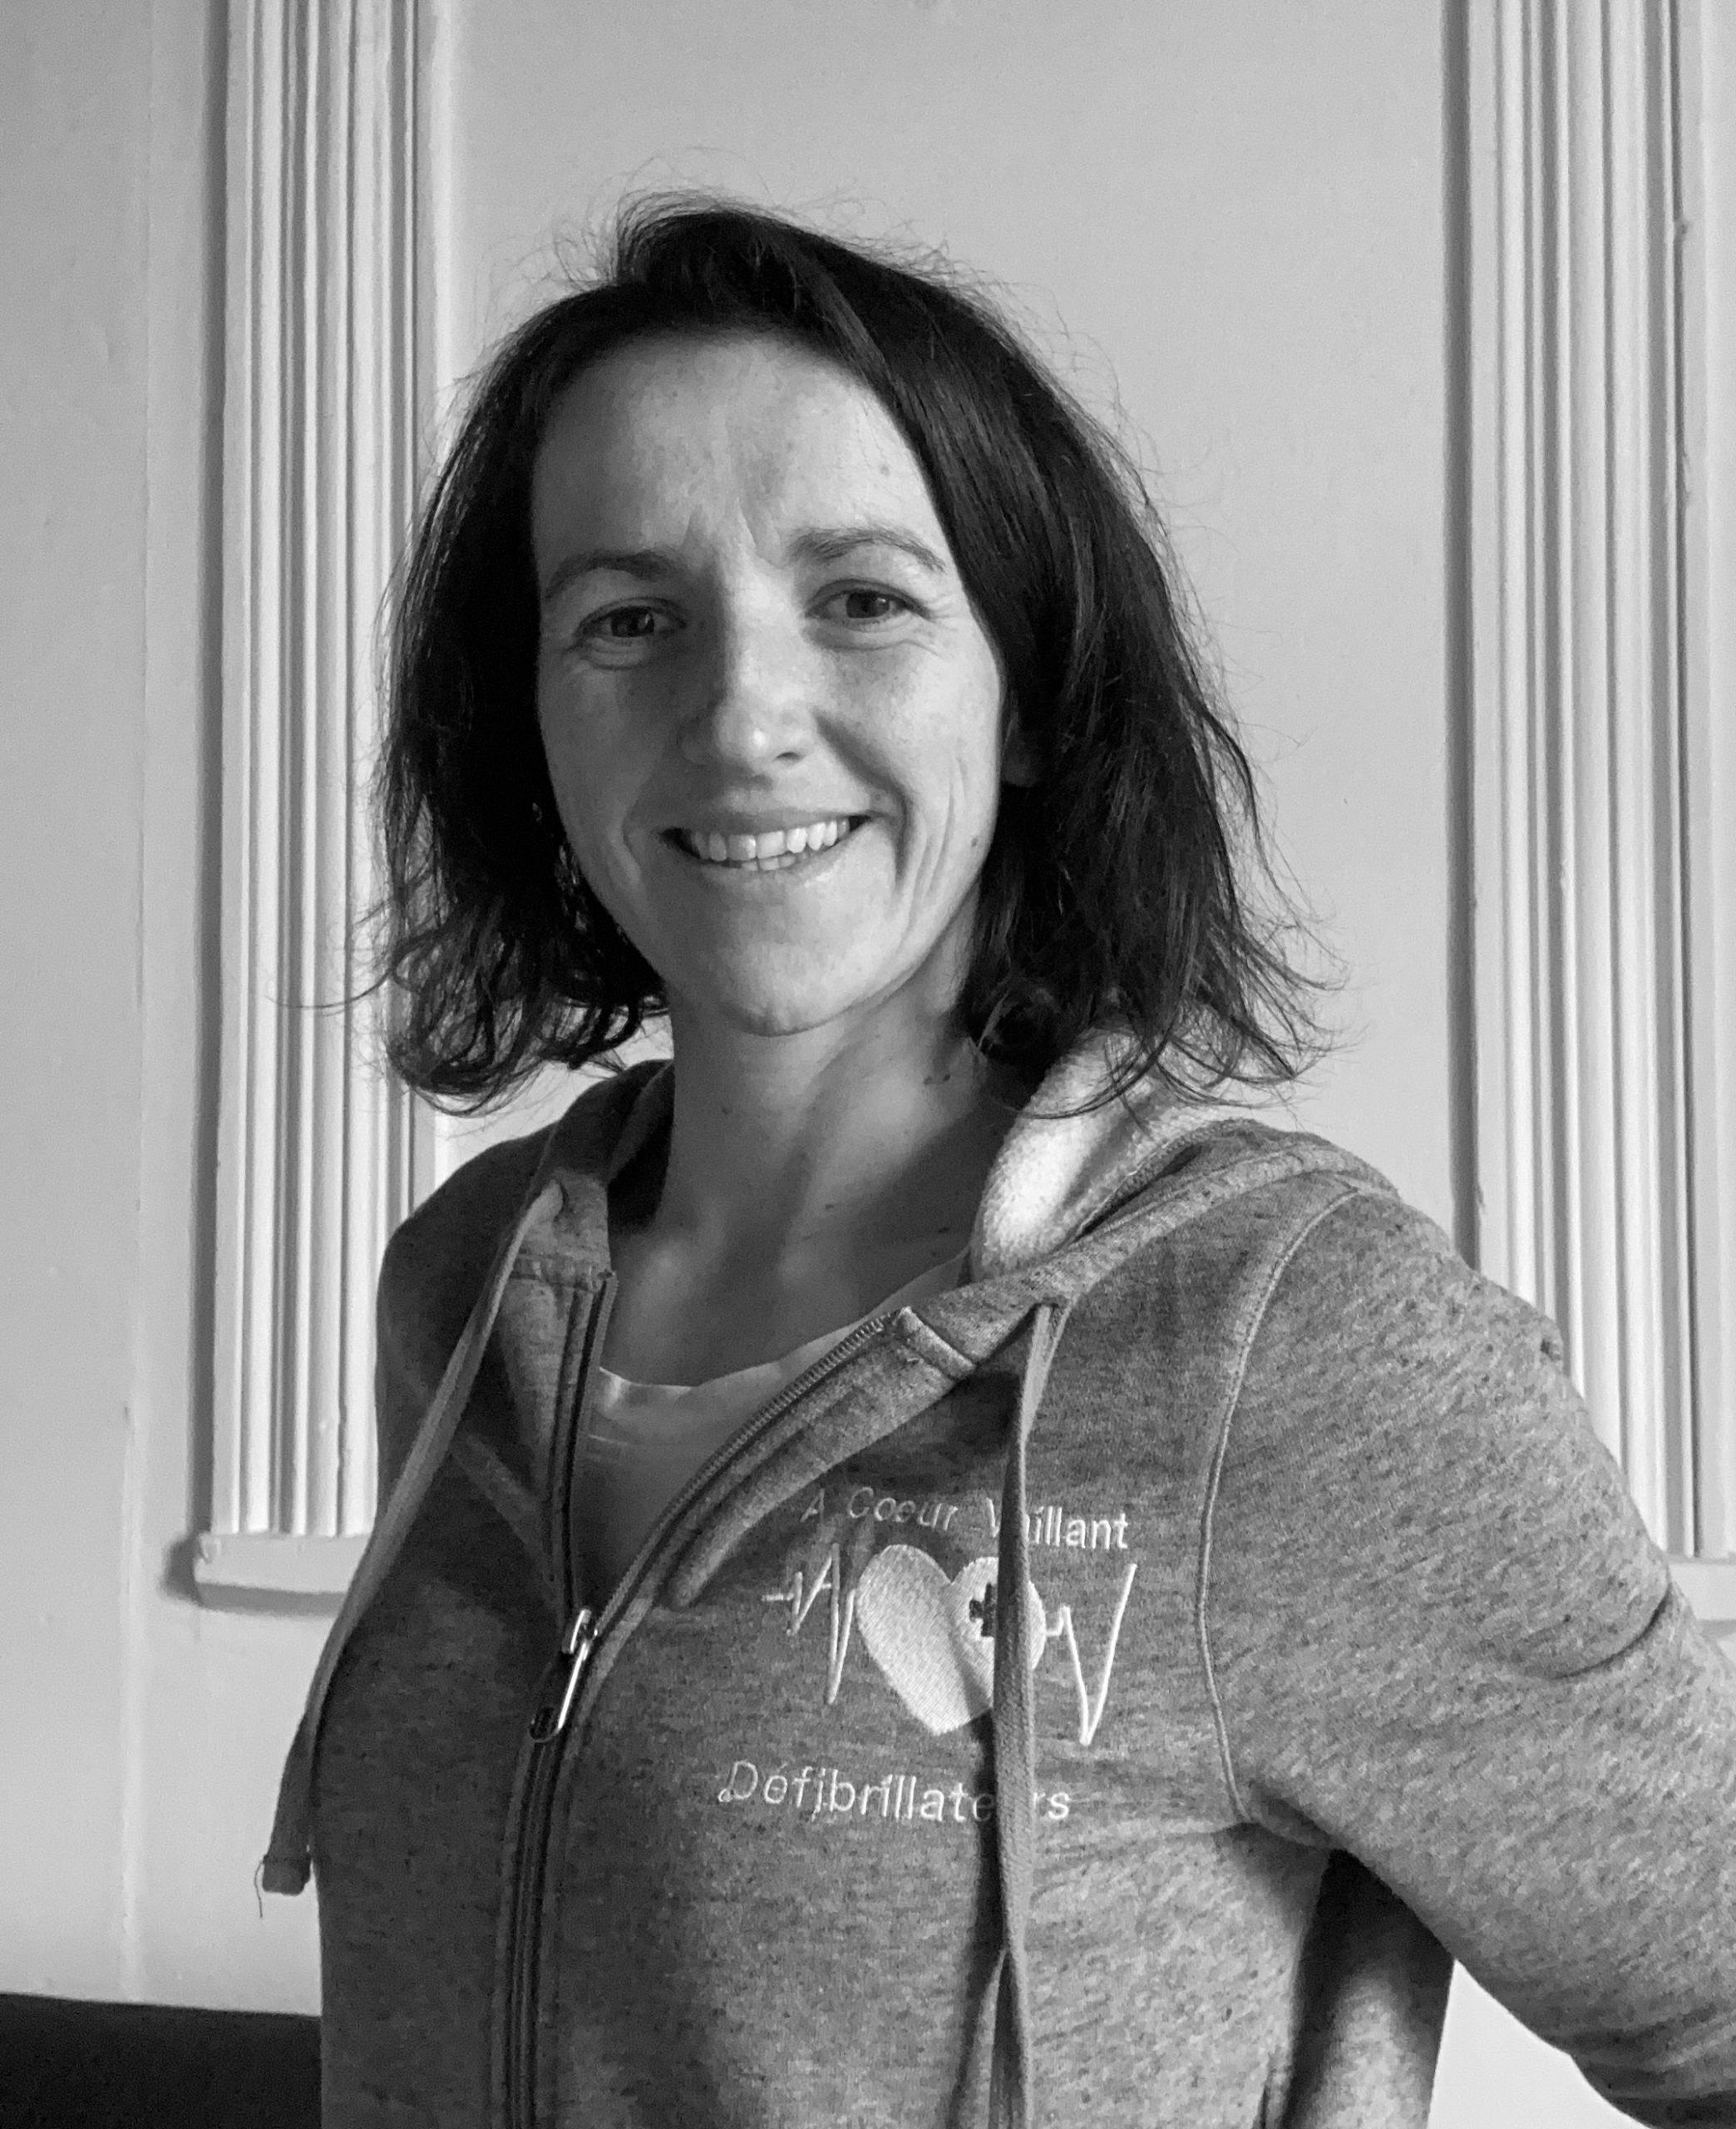 Cindy Vogt A Coeur Vaillant Défibrillateurs